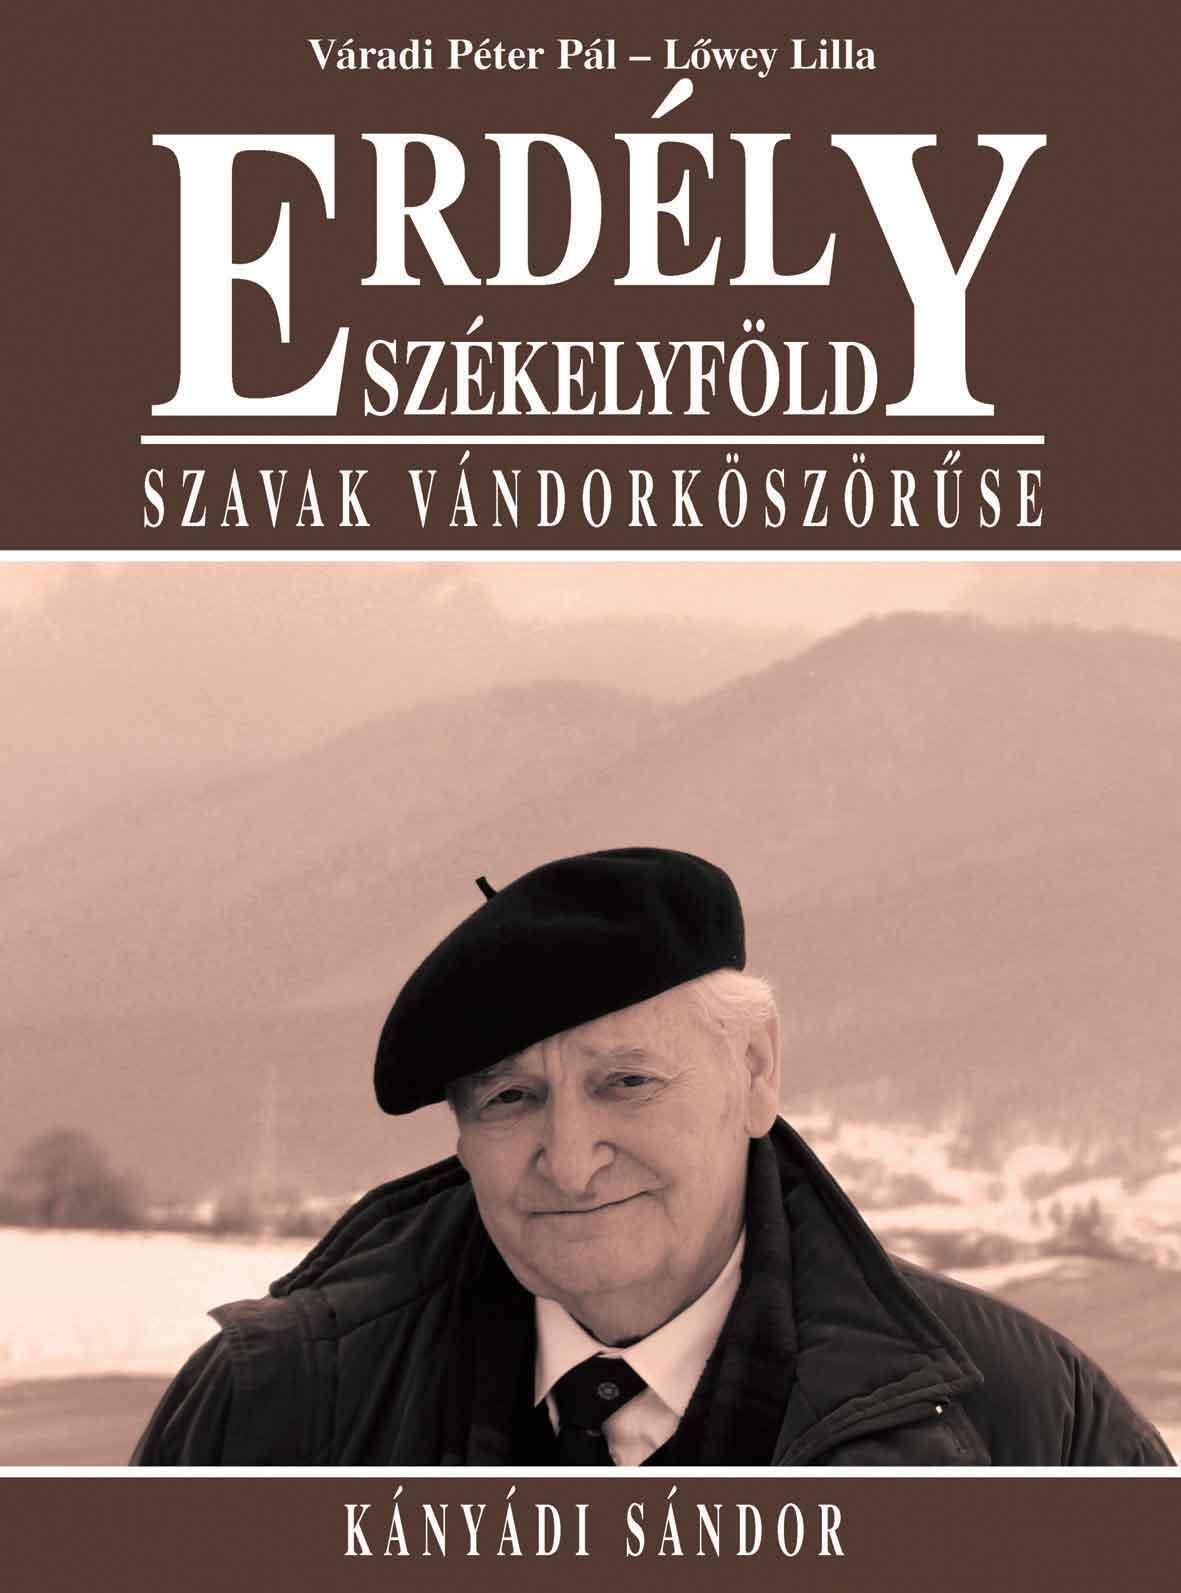 ERDÉLY - SZÉKELYFÖLD - SZAVAK VÁNDORKÖSZÖRŰSE - KÁNYÁDI SÁNDOR